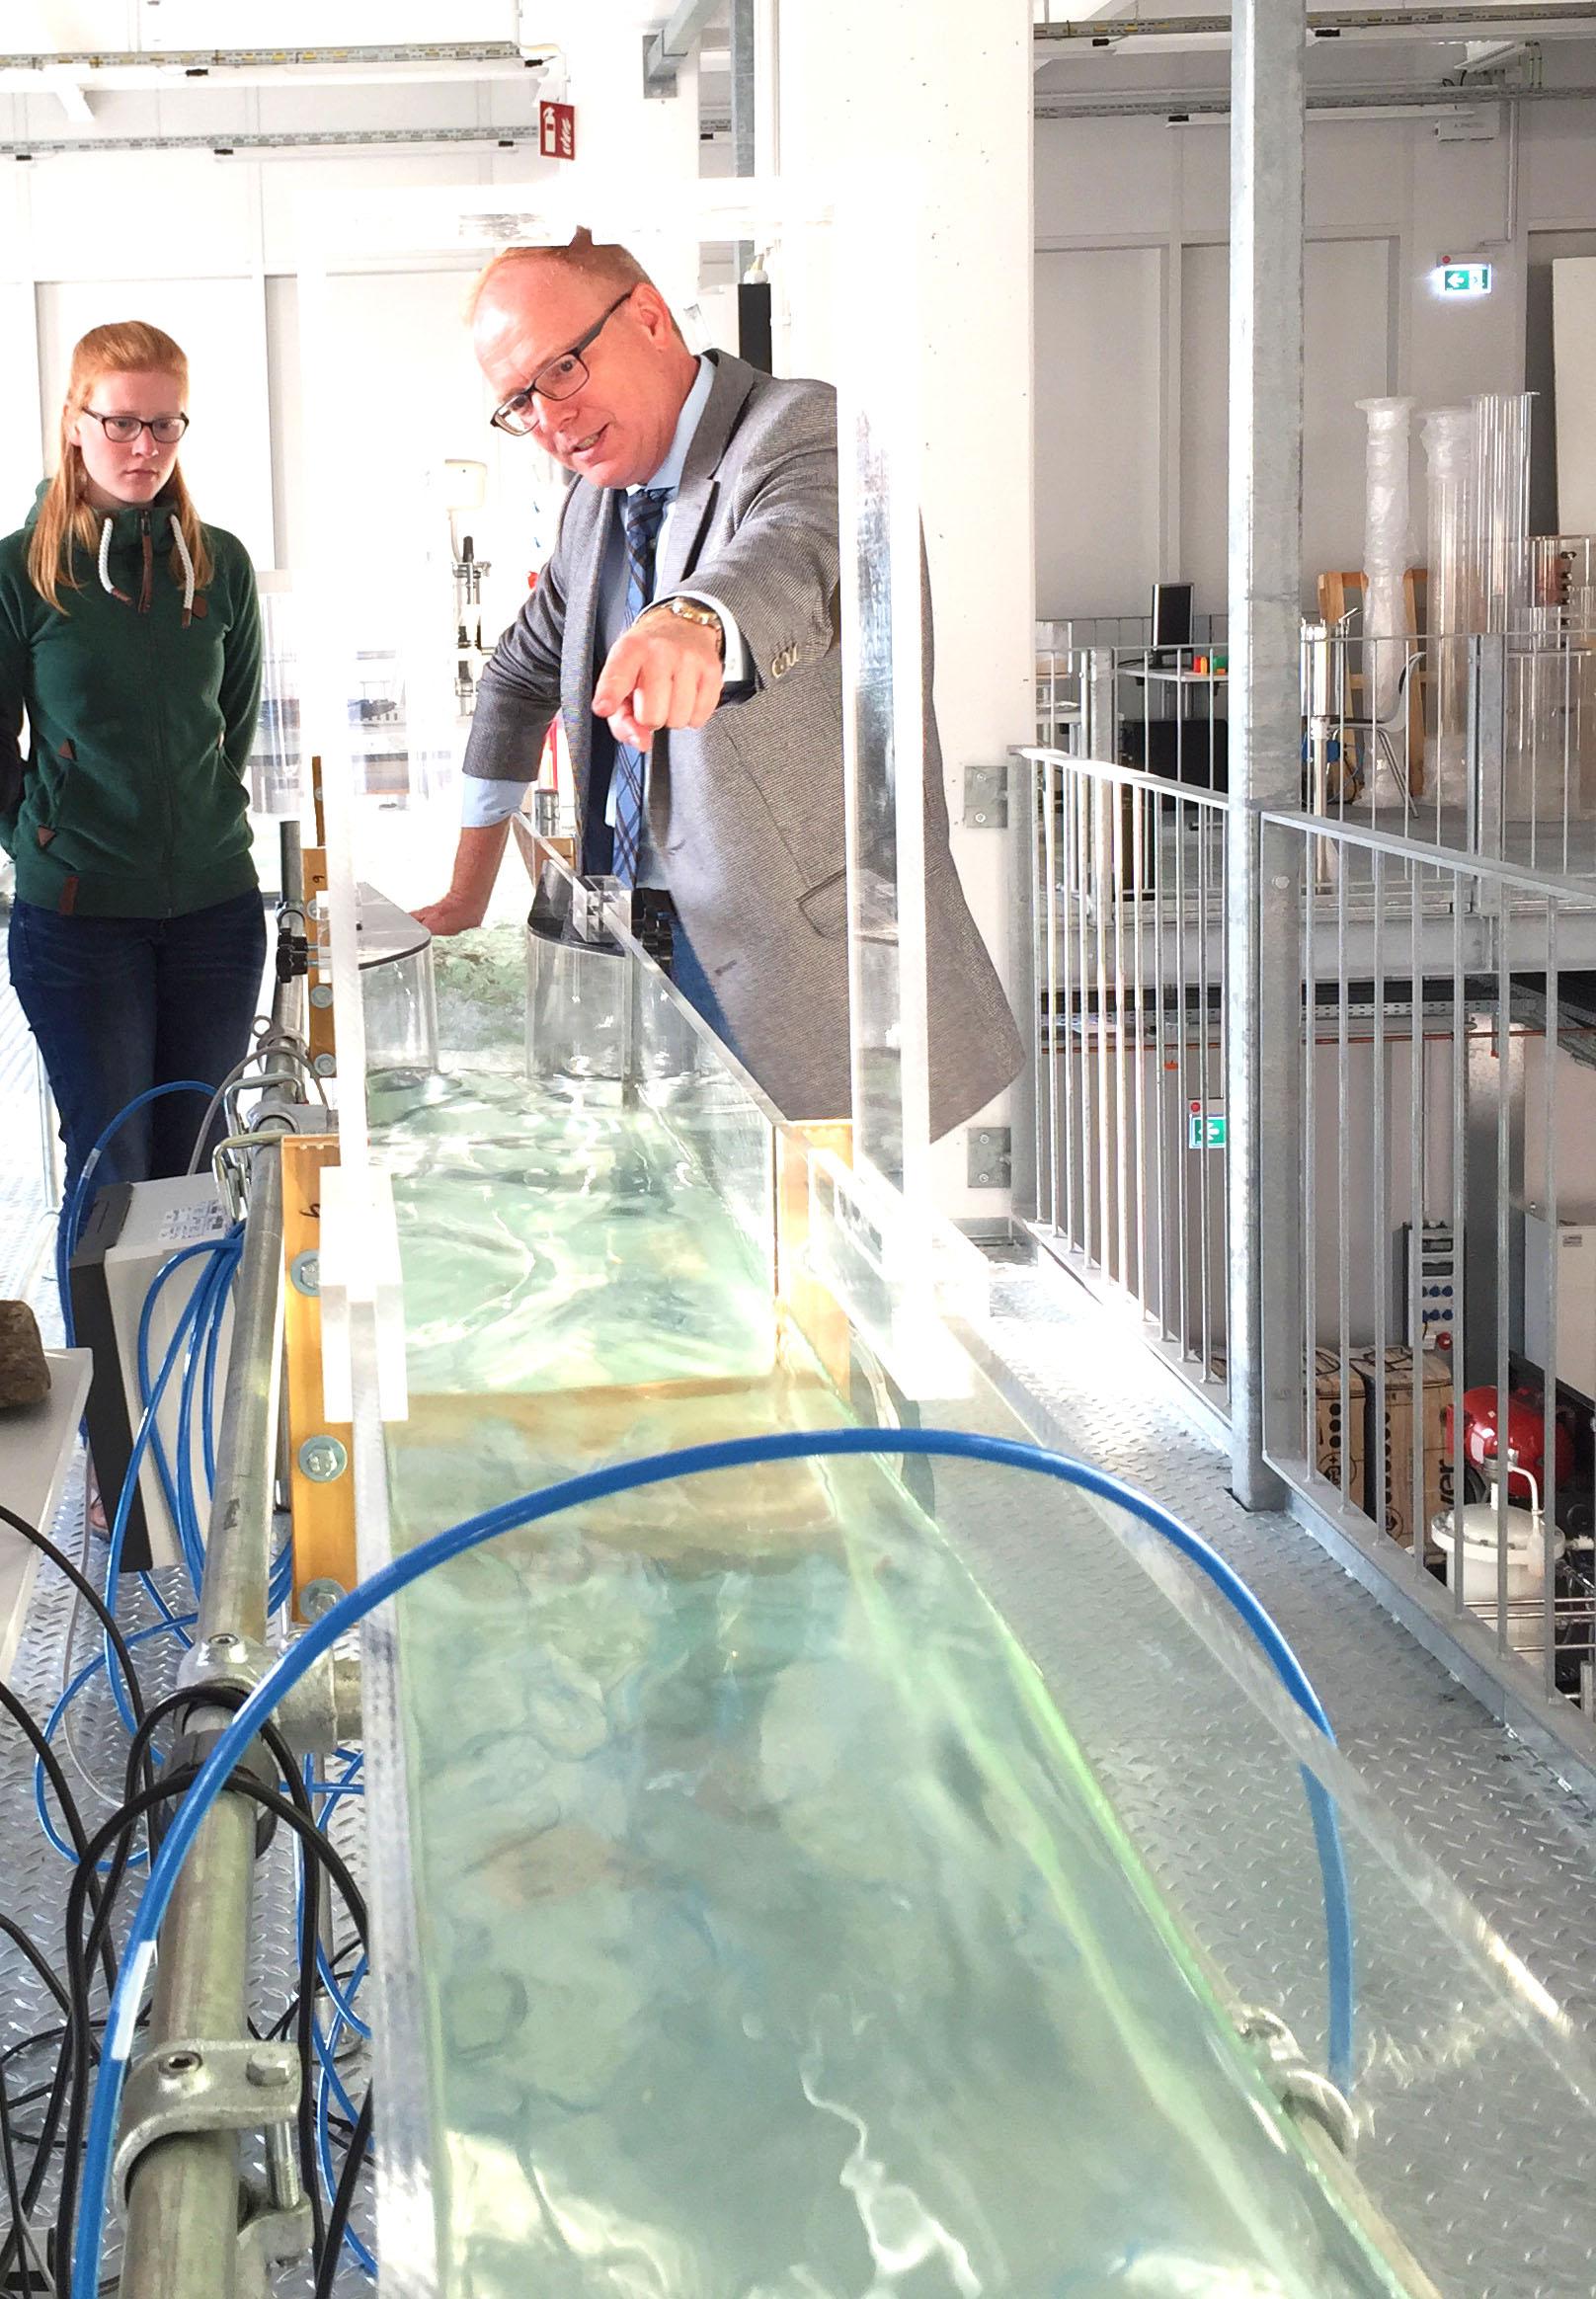 Kann Abwasser als Frühwarnsystem für die Erkennung von Coronaviren dienen? Prof. Grüning klärt auf. (FH Münster/Rena Ronge)